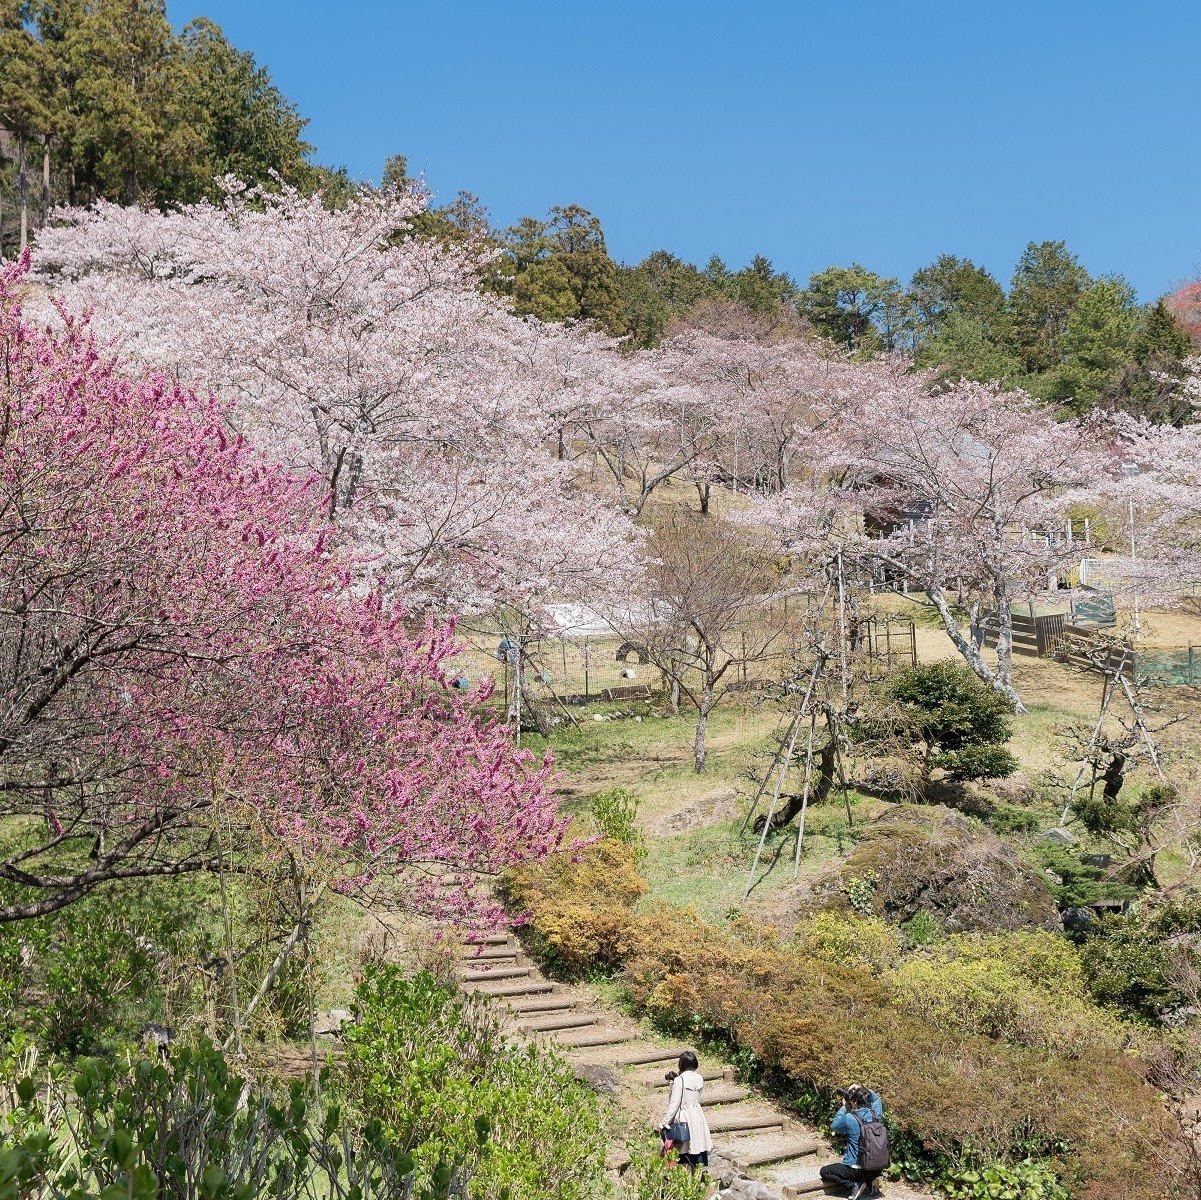 花の奥山高原(はなのおくやまこうげん)/✿のんびりゆったりお散歩♪/いなさマップ「そ」のイメージその3